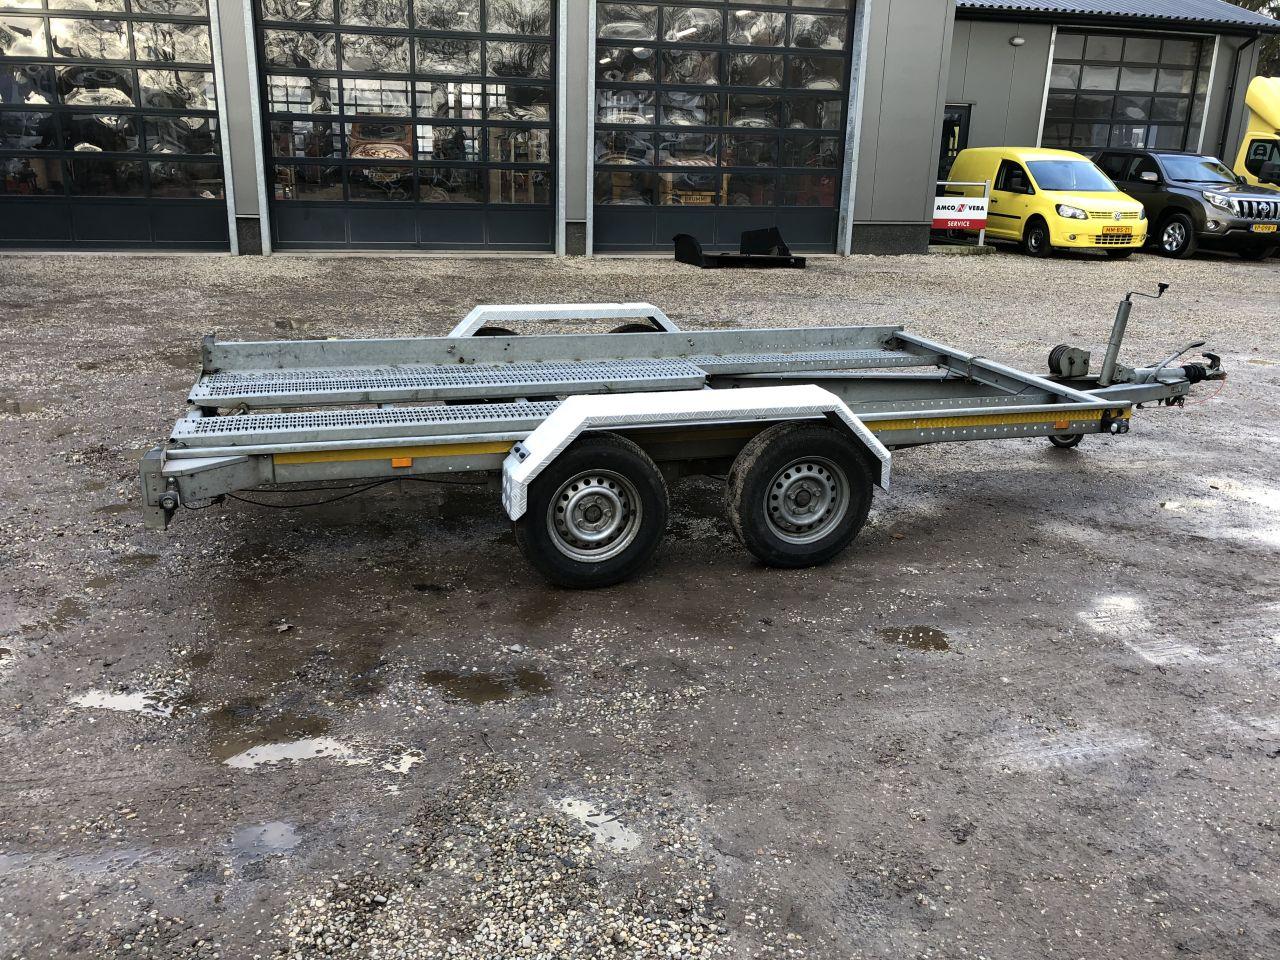 Aanhanger 2700 kg met hand lier ambulance oprijplaten